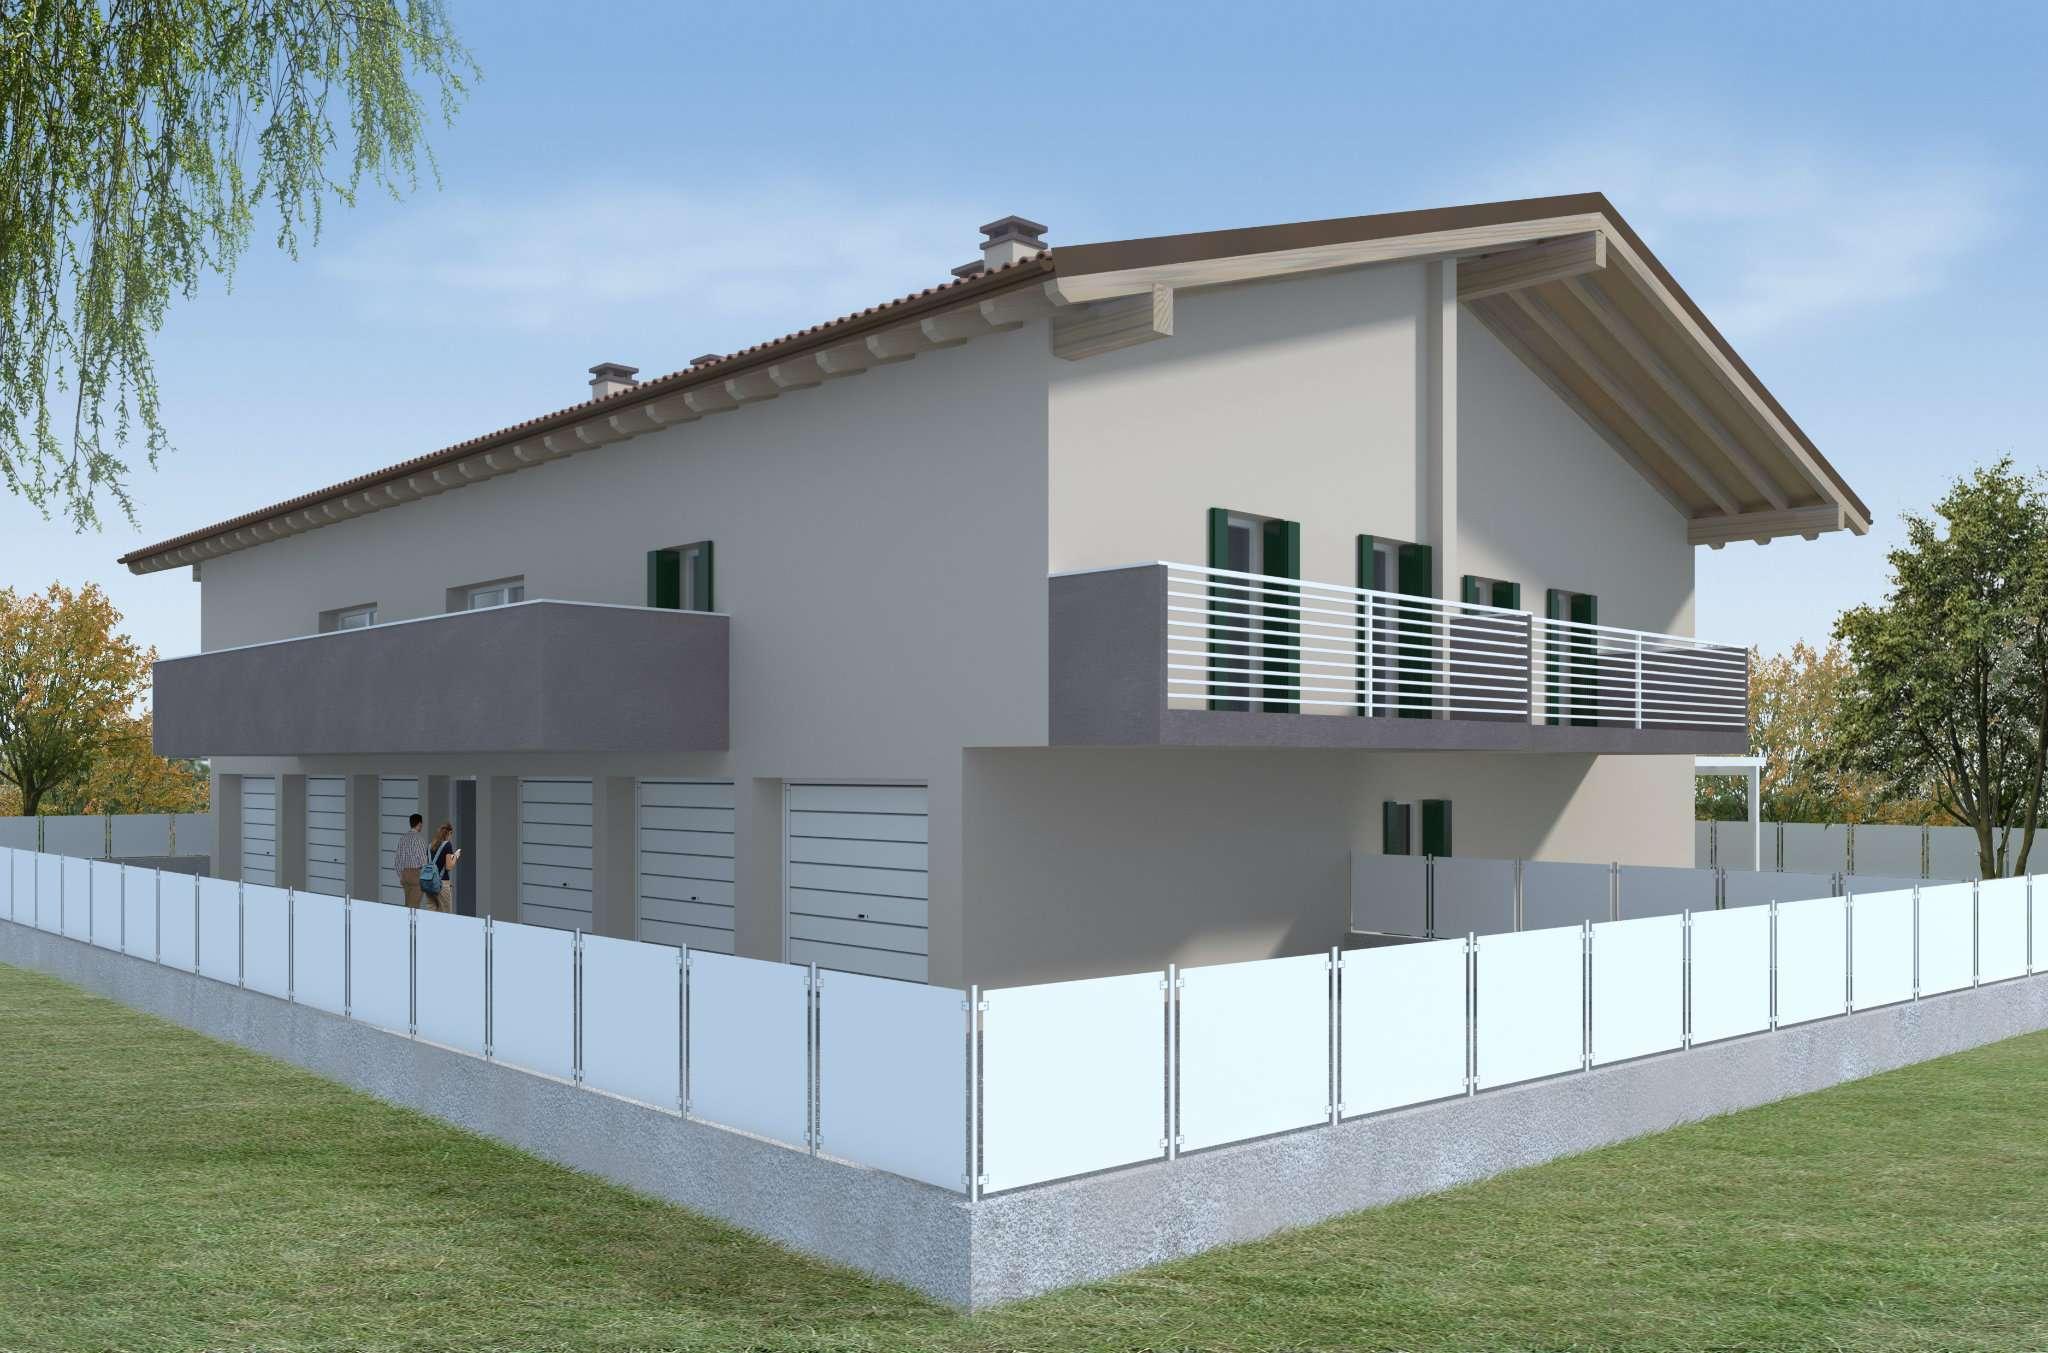 Attico / Mansarda in vendita a Salzano, 5 locali, prezzo € 310.000 | CambioCasa.it